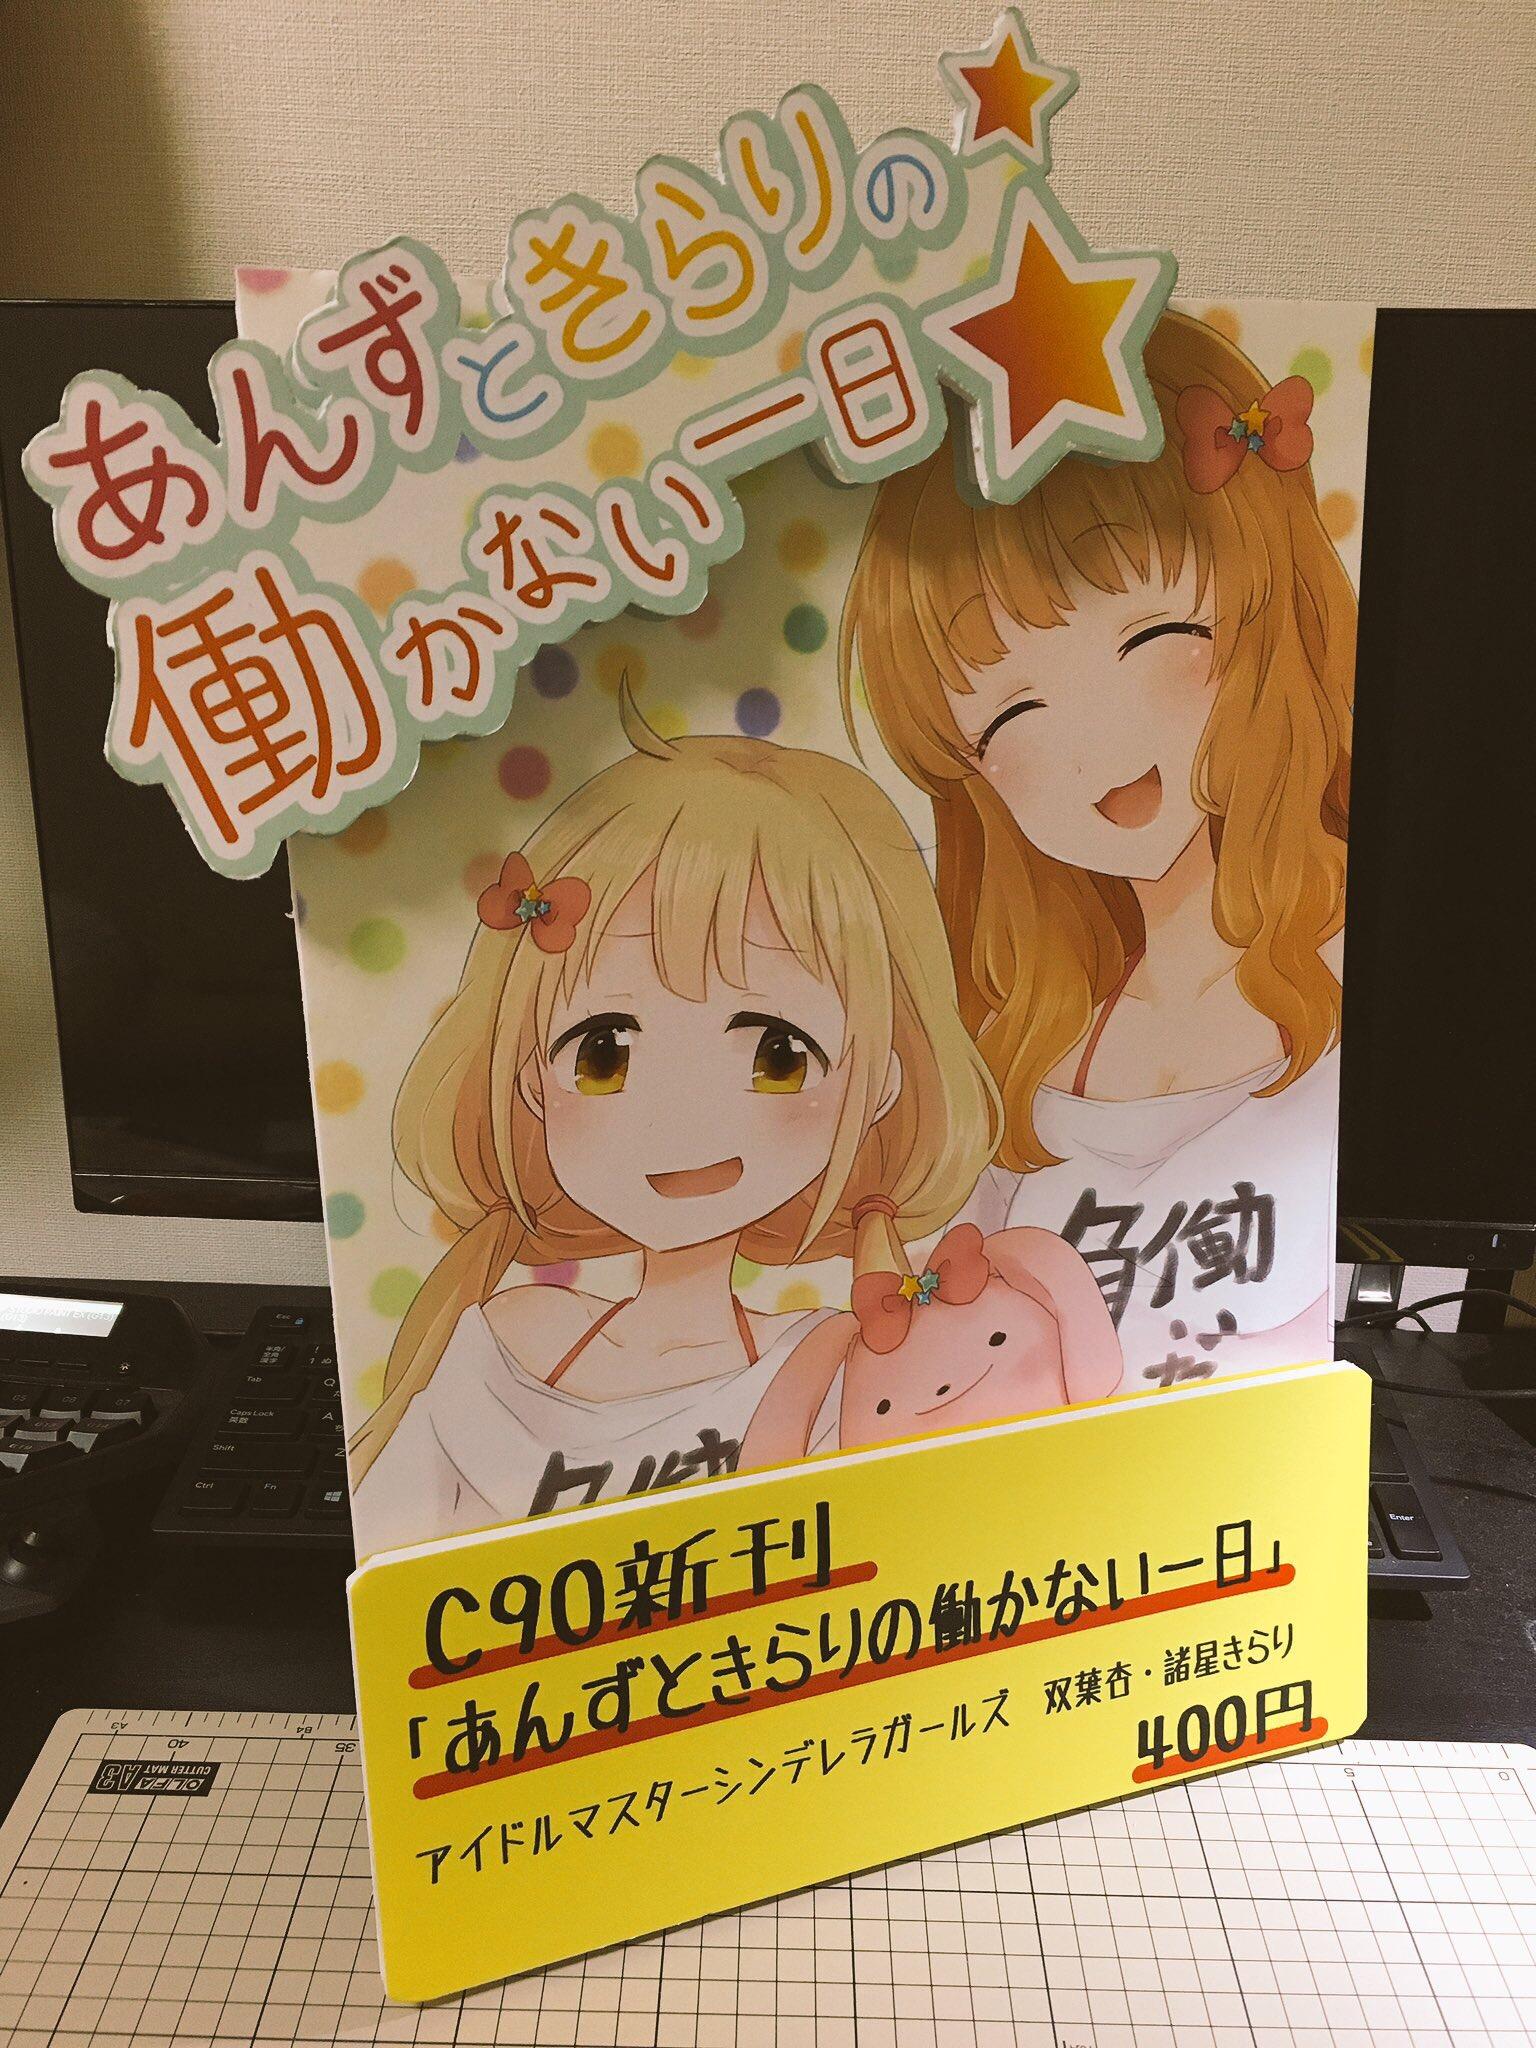 同人イベントに使う販促POPを500円で作ってみたのでメイキングを公開するよ